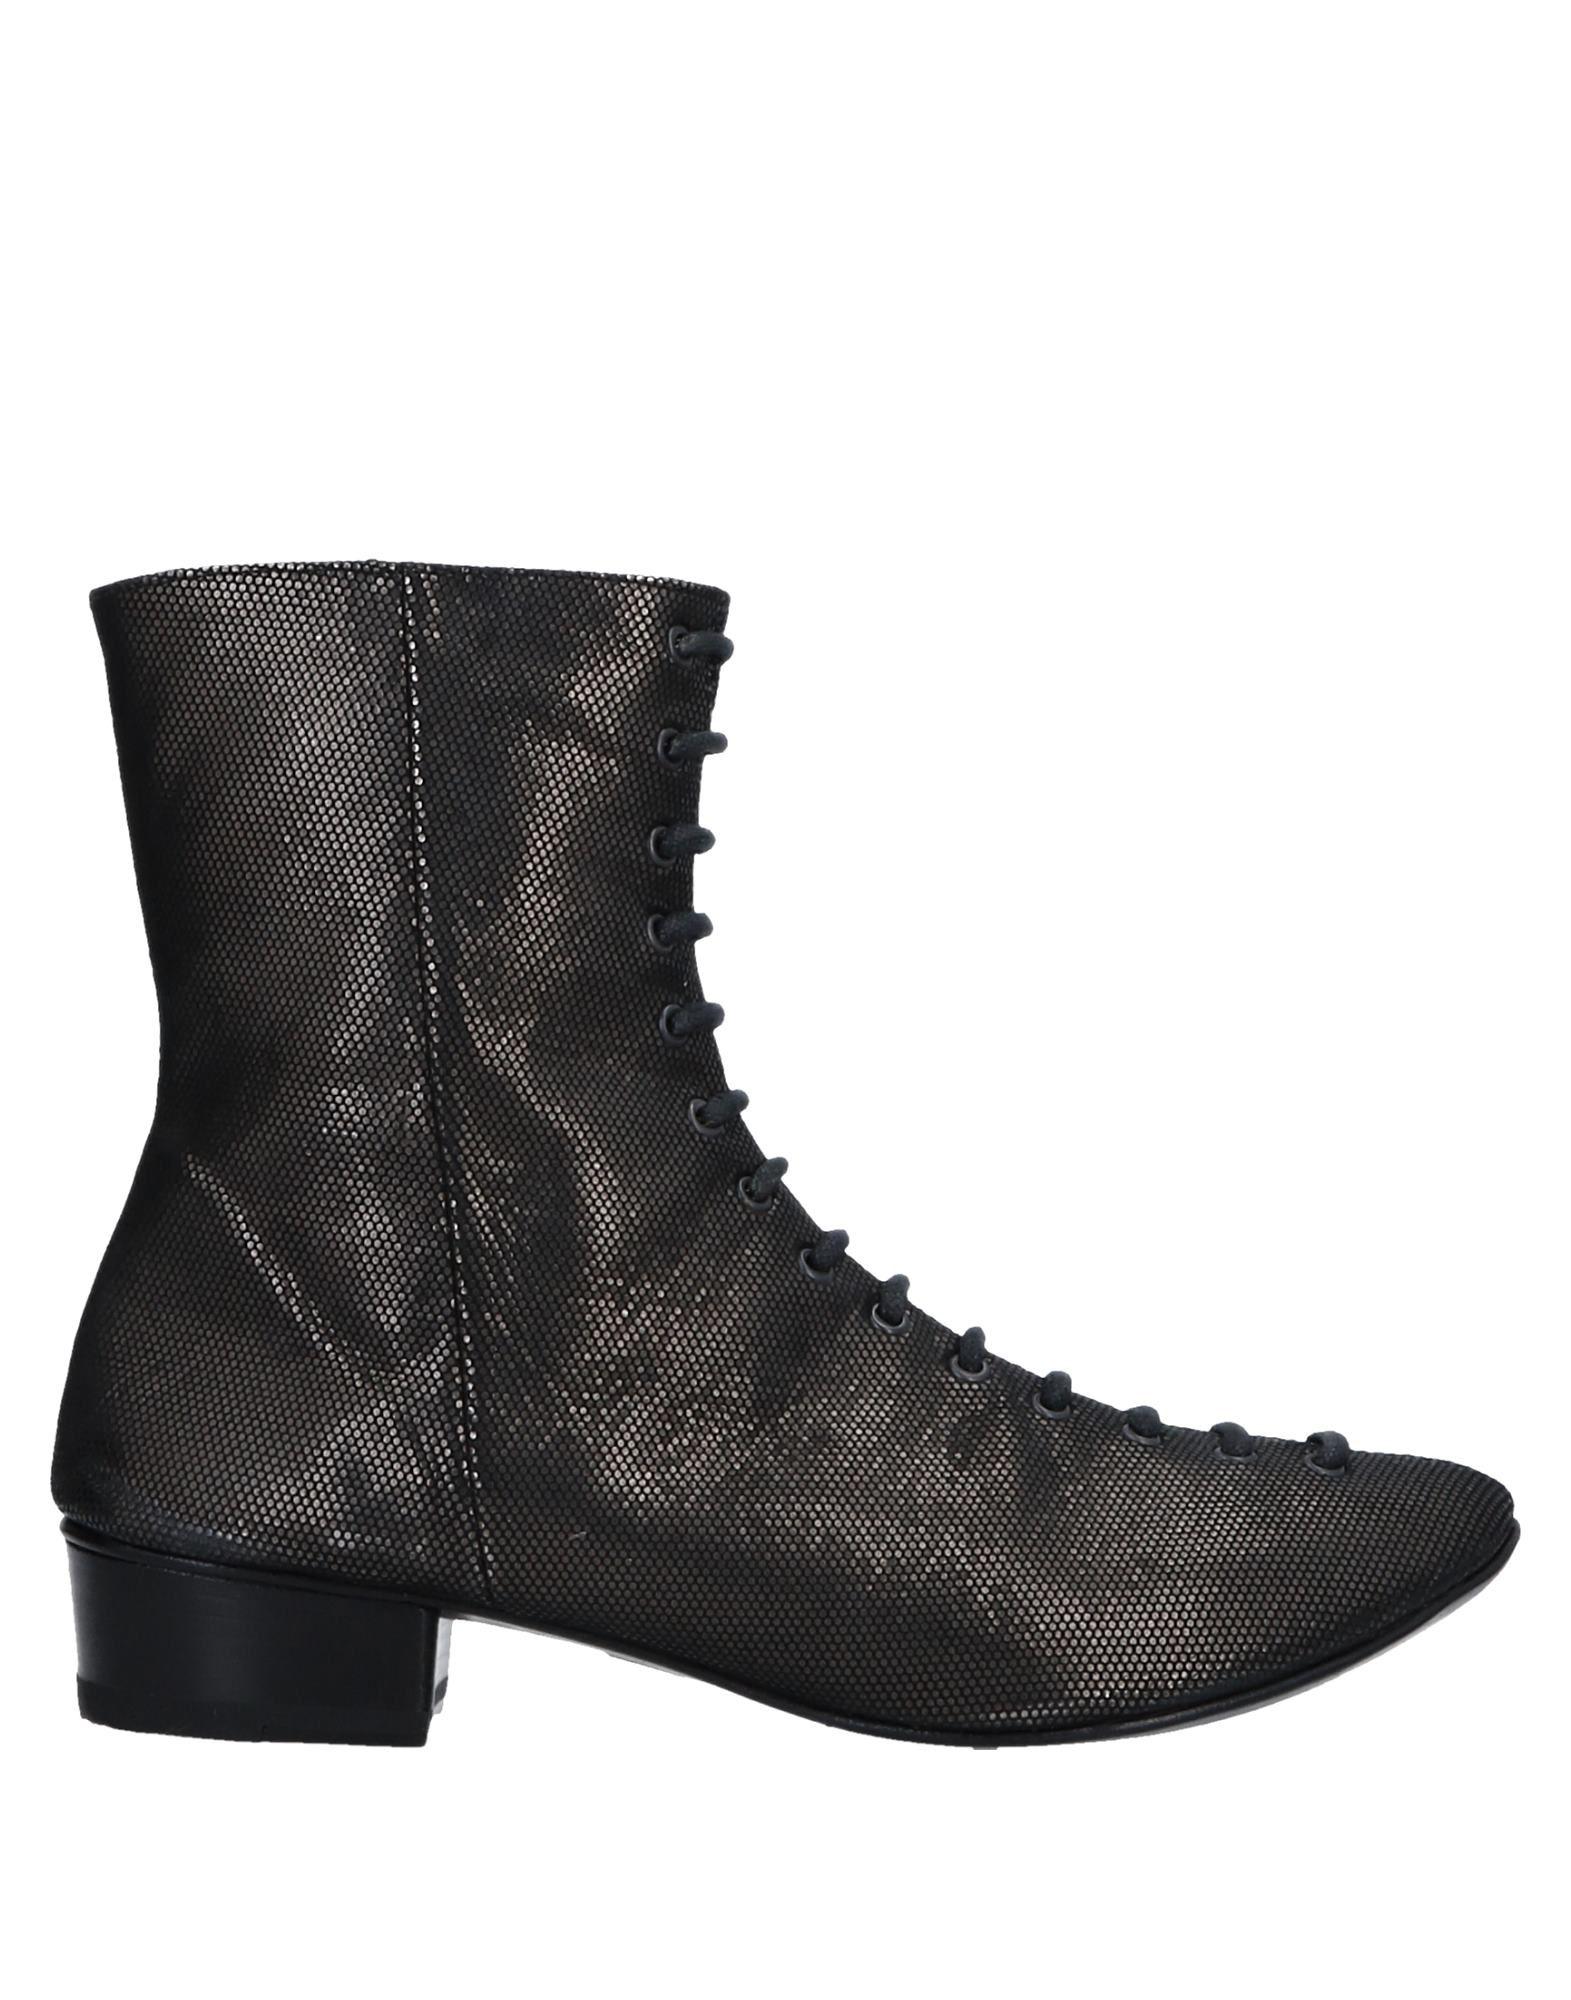 Kudetà Stiefelette Damen  11540024JMGut aussehende strapazierfähige Schuhe